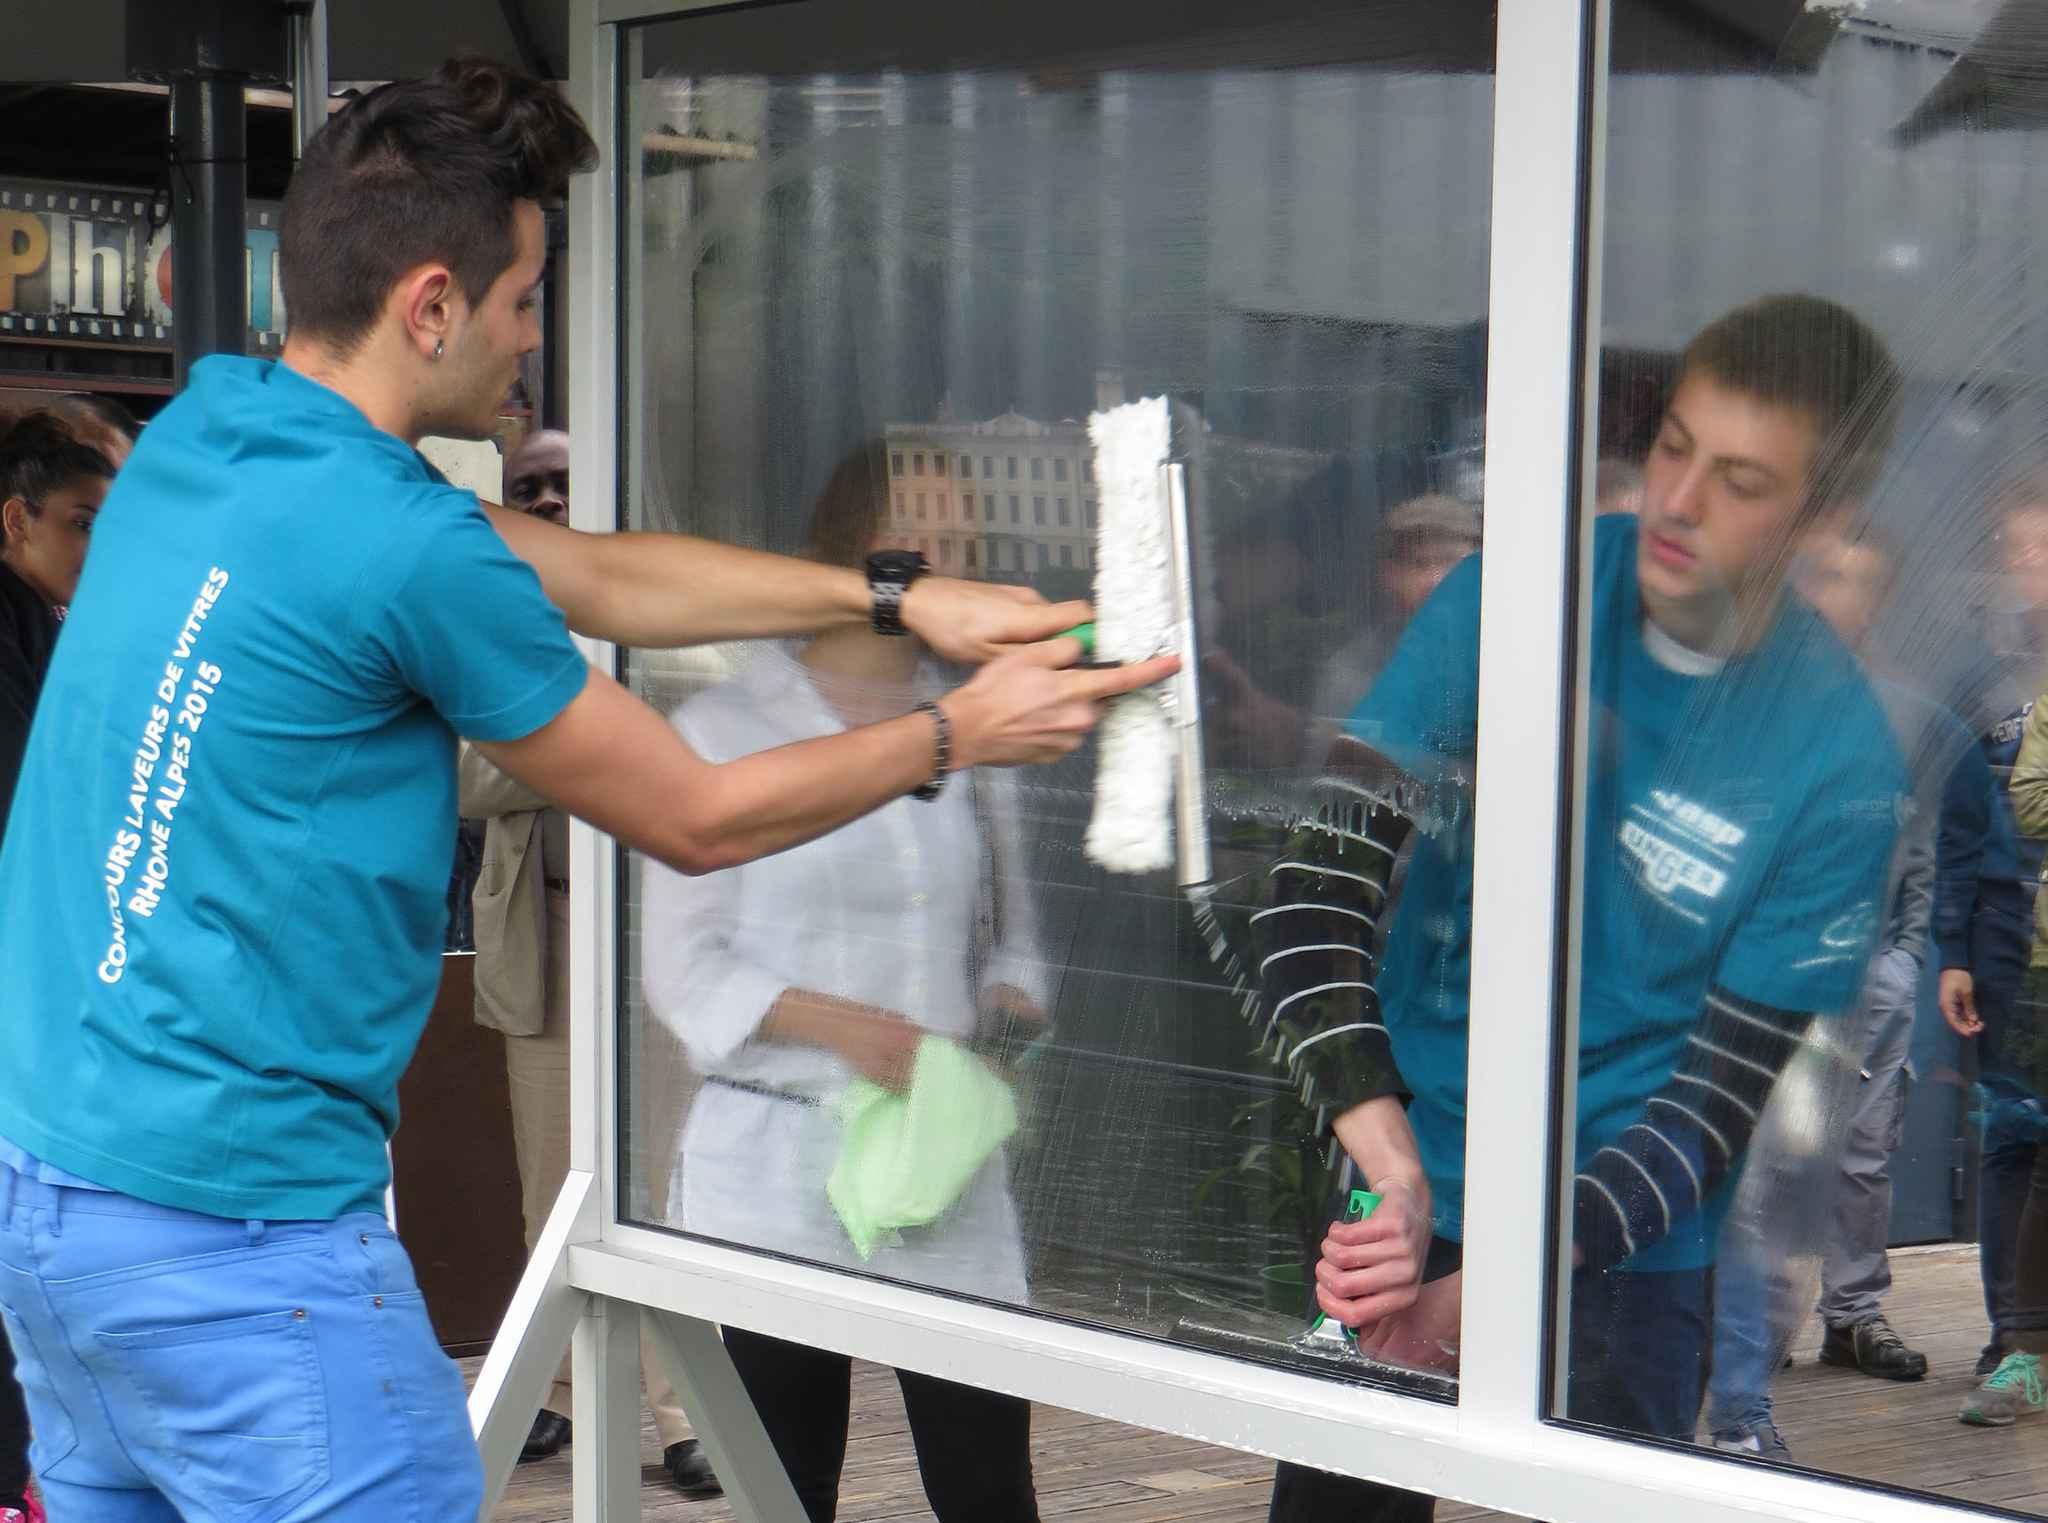 lyon un concours de lavage de vitres pour valoriser les m tiers de la propret. Black Bedroom Furniture Sets. Home Design Ideas